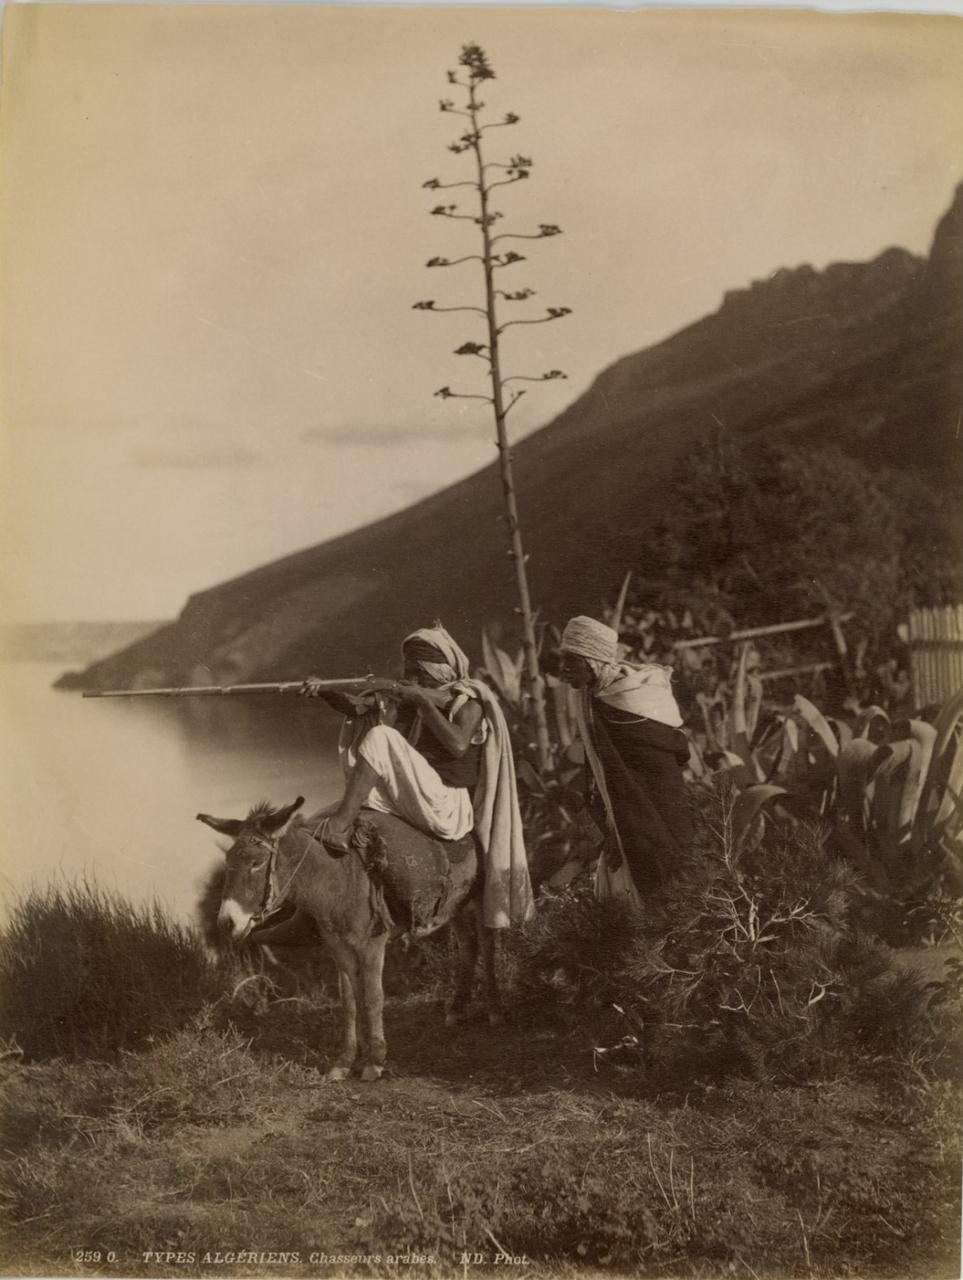 1880. Типы алжирцев. Арабские охотники